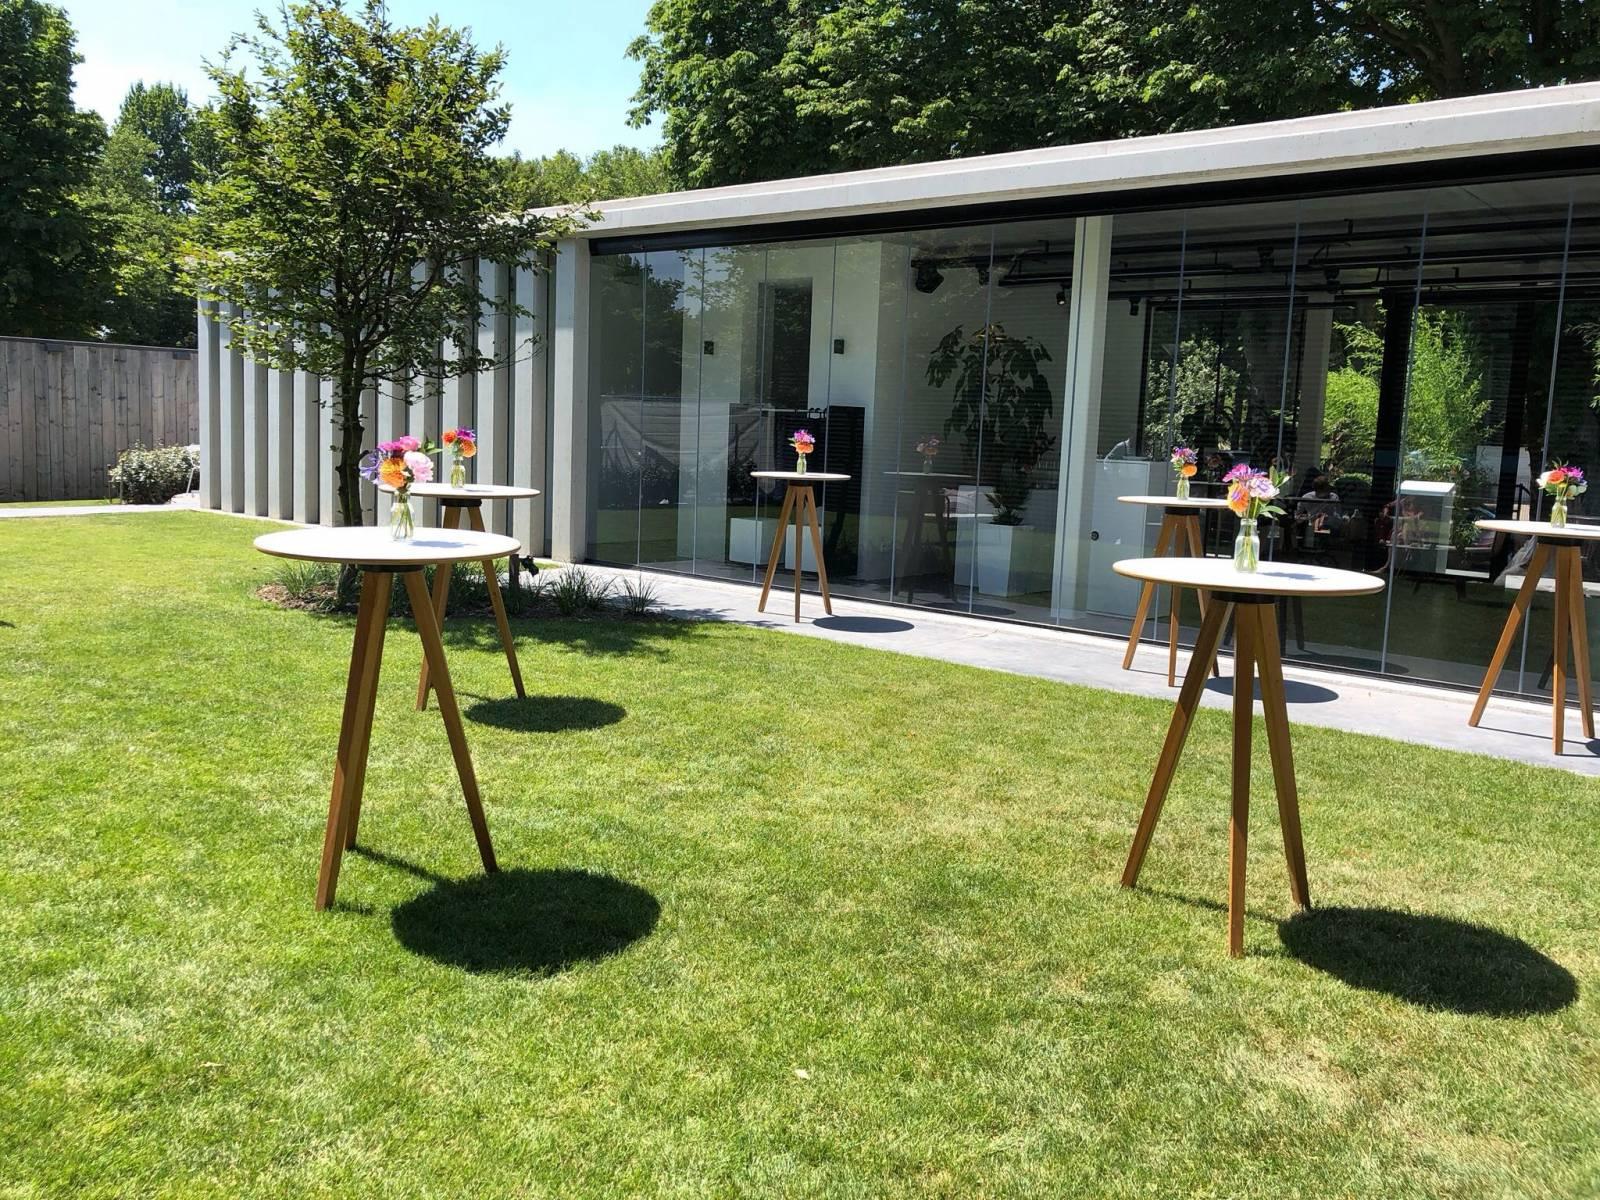 KAS Kunst aan de Stroom - Antwerpen - Feestzaal - Trouwzaal - House of Weddings - 3